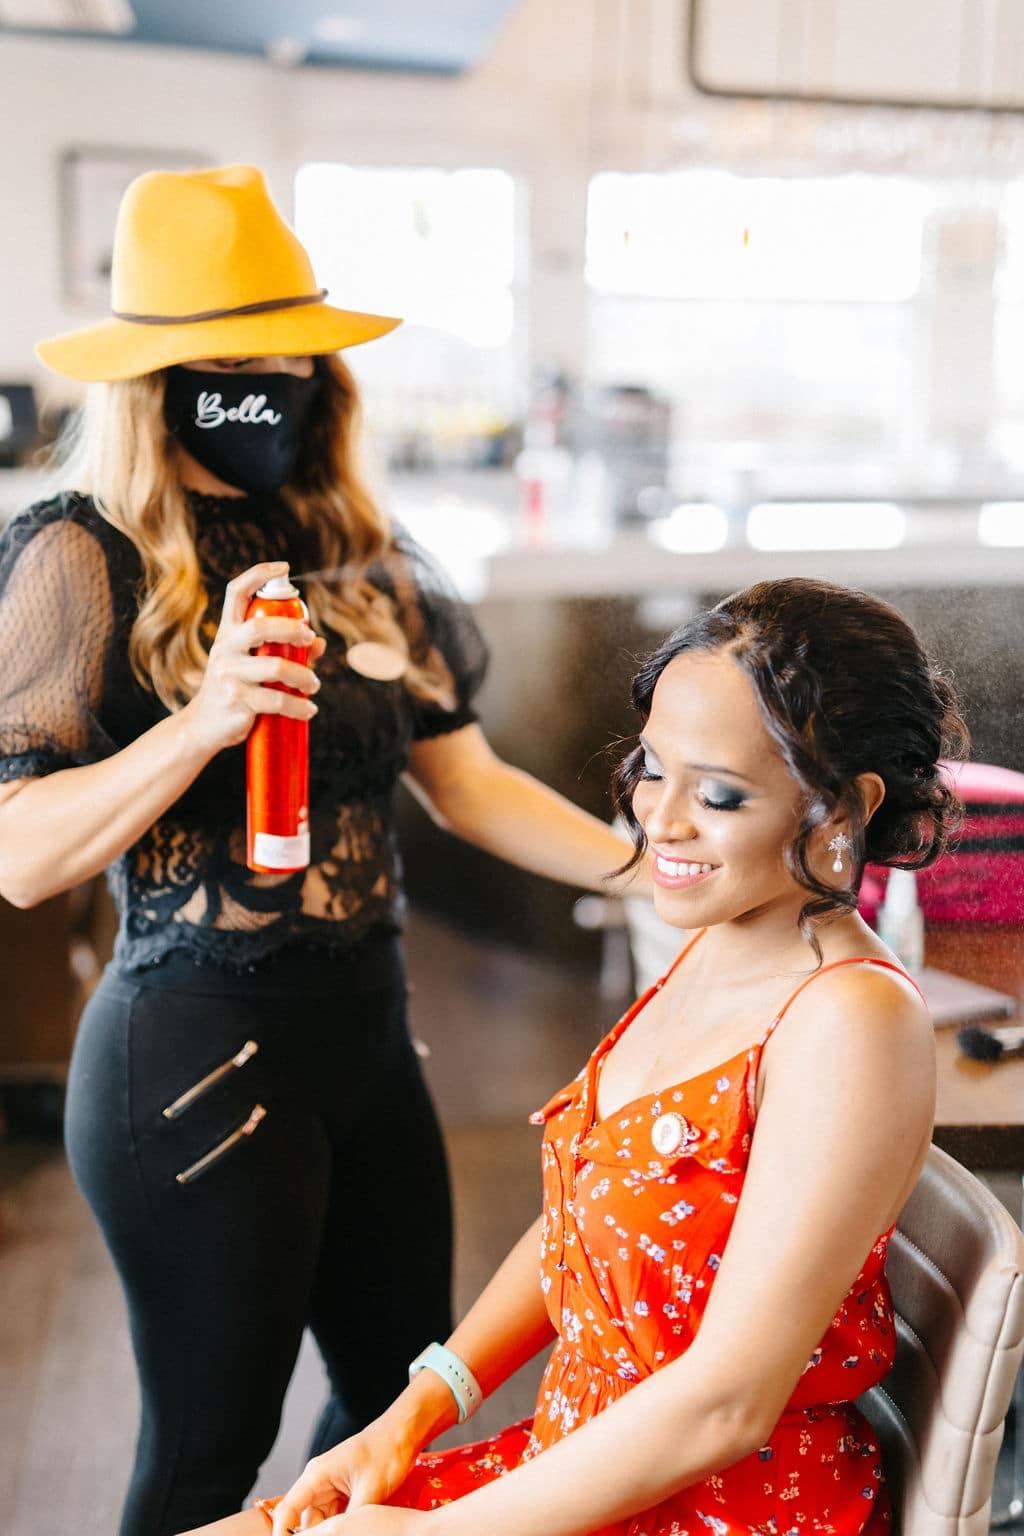 micro wedding Disney Princess and the Frog Wedding Theme hair and makeup